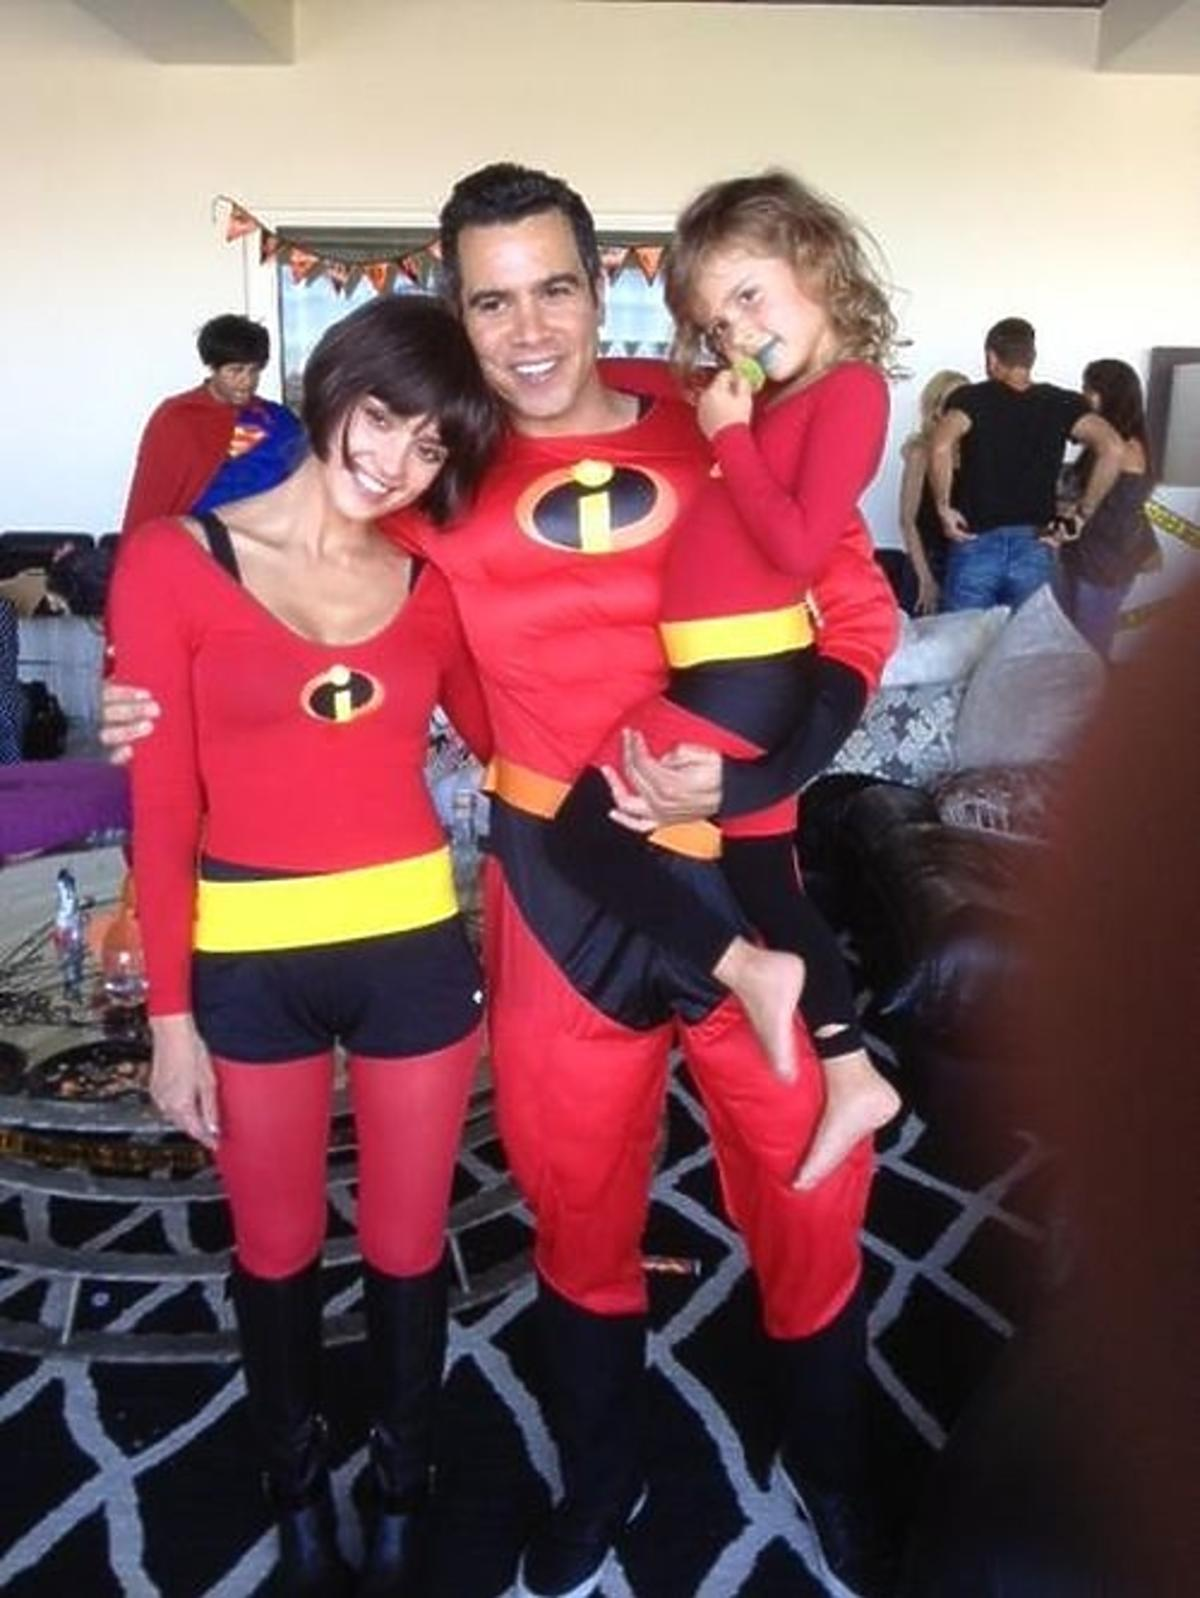 Jessica Alba z rodziną na Halloween przebrała się za Iniemamocnych